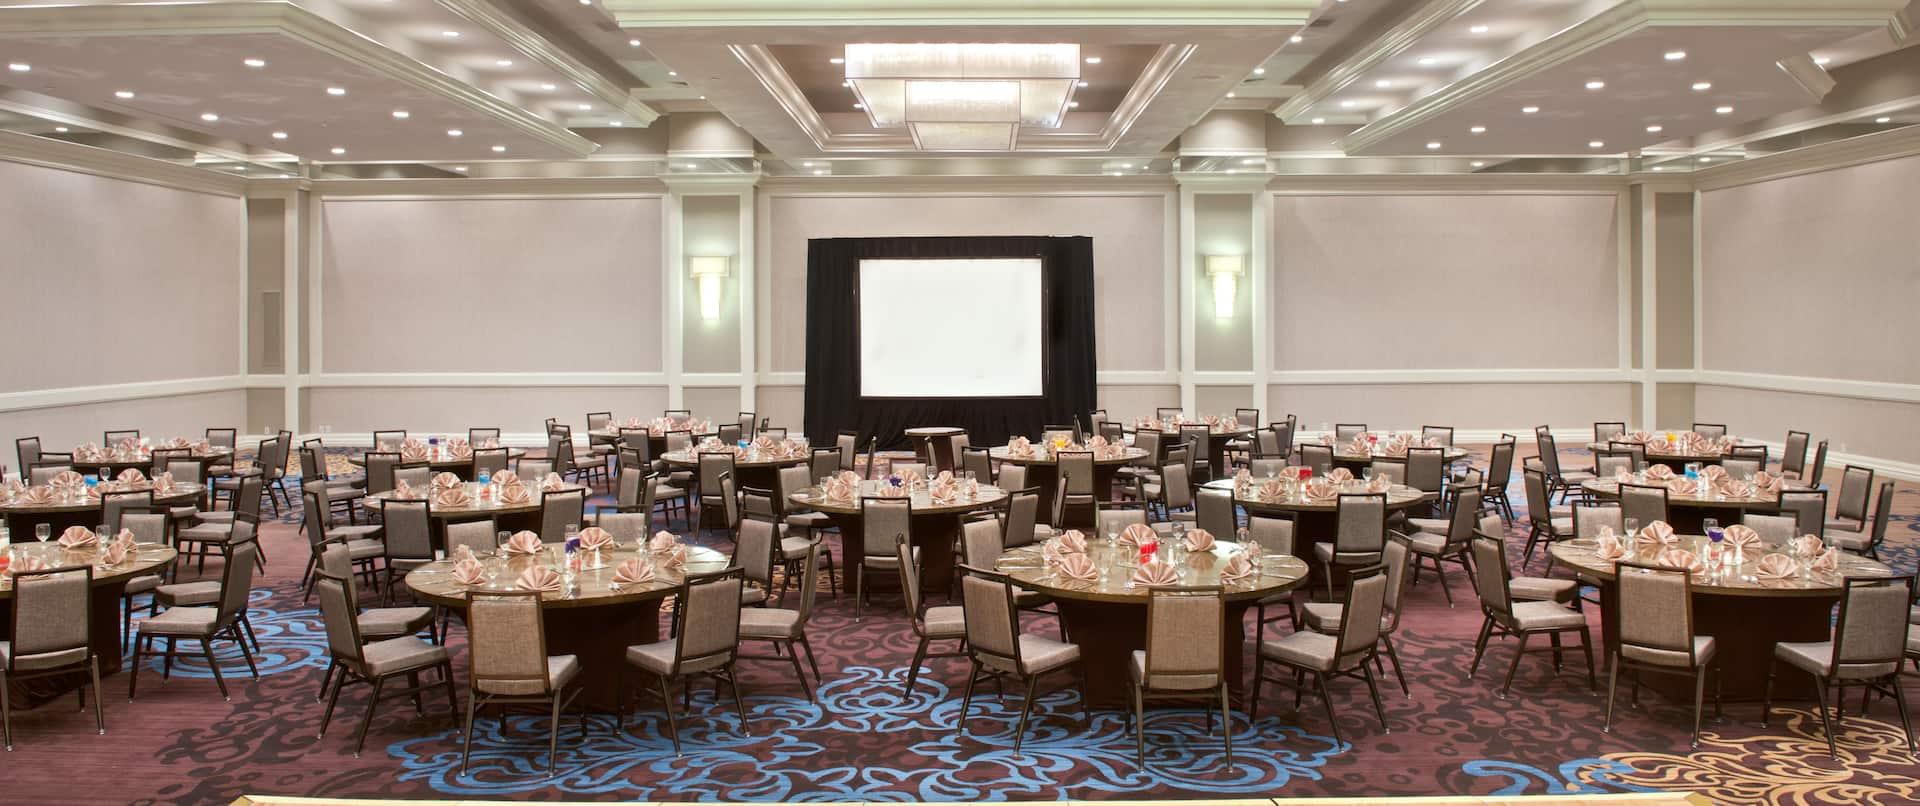 Banquet Round Dance Floor